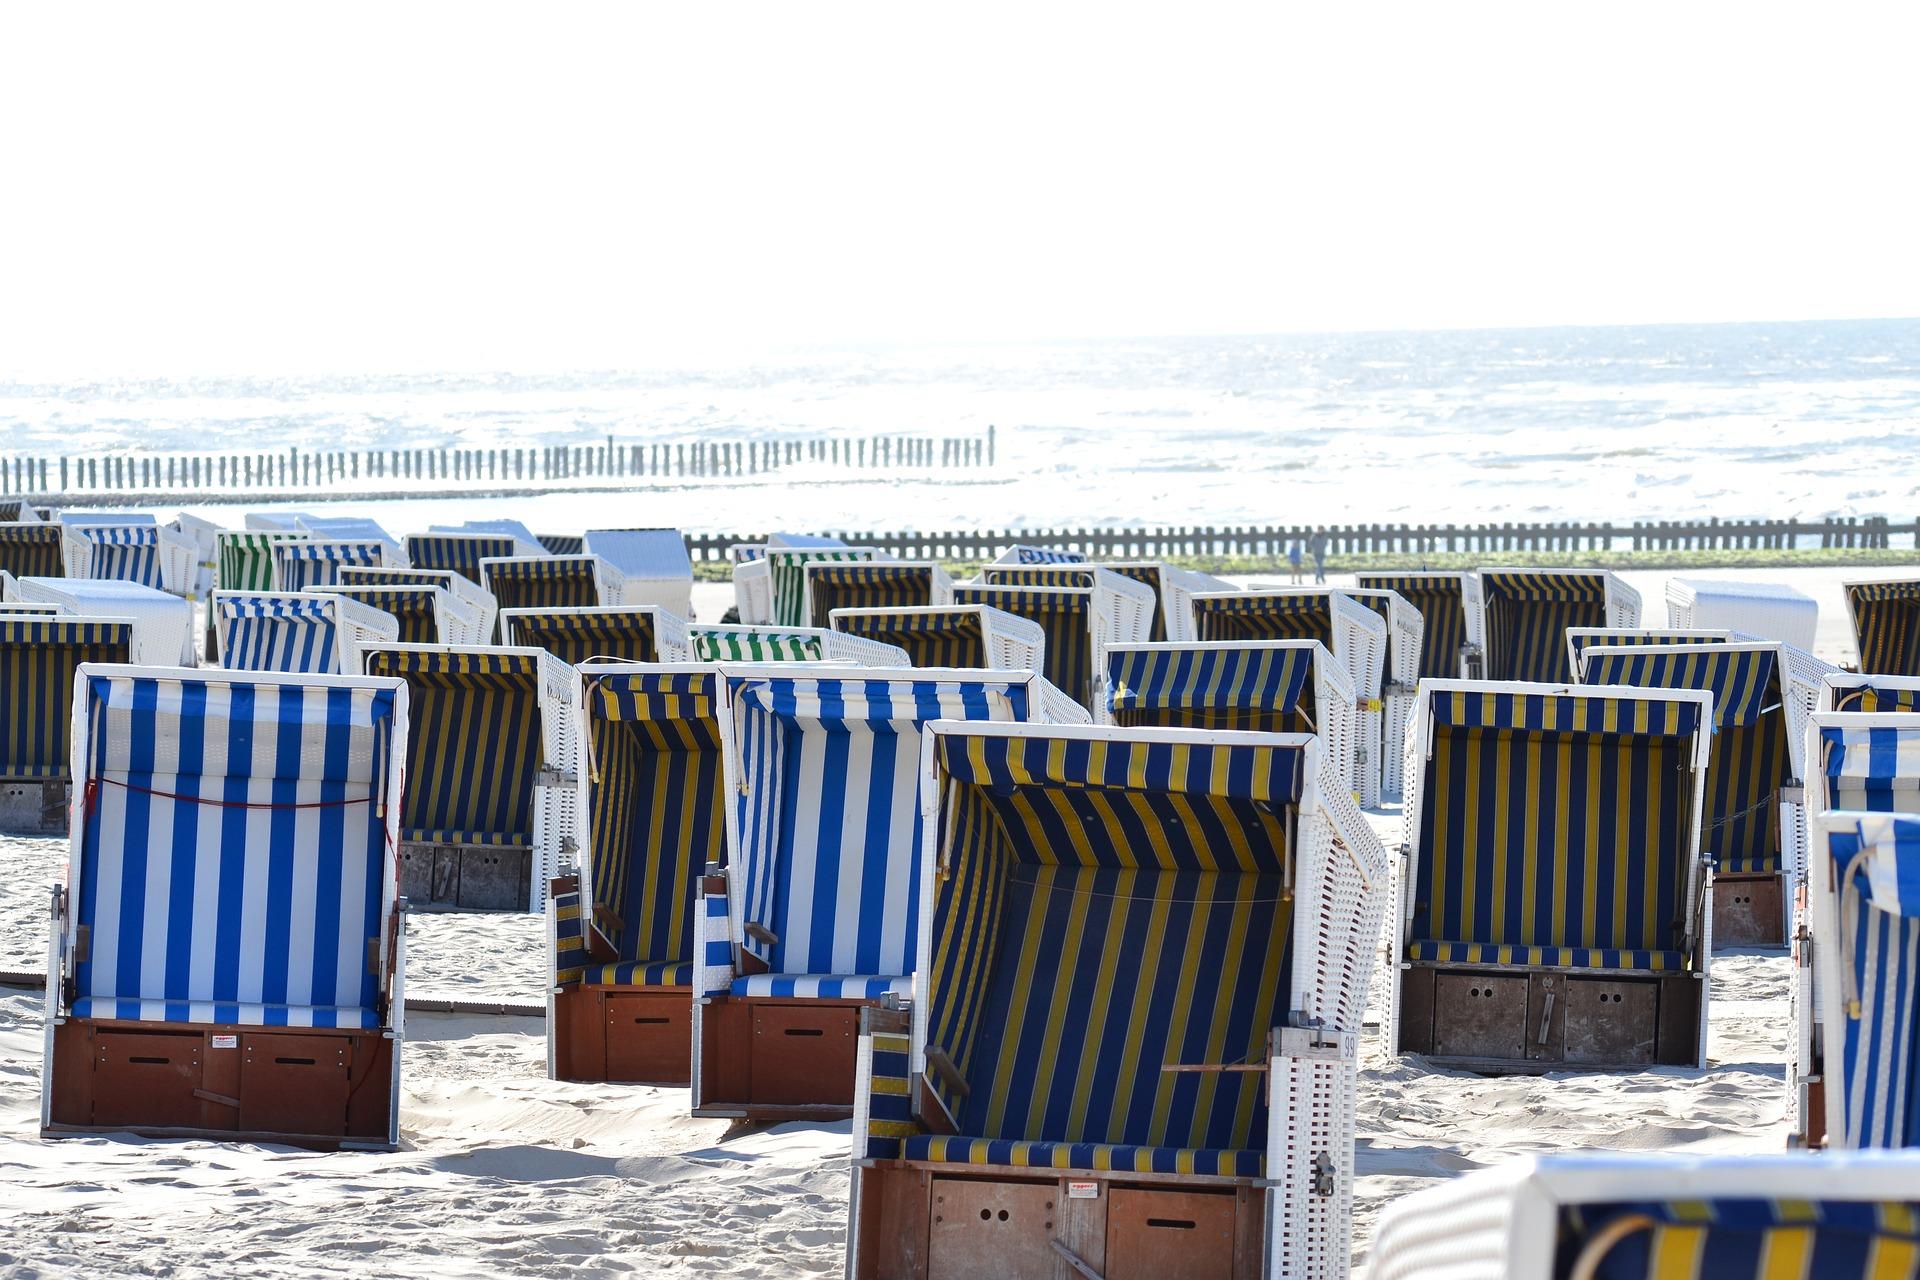 Plážové koše jsou symbolem baltského pobřeží